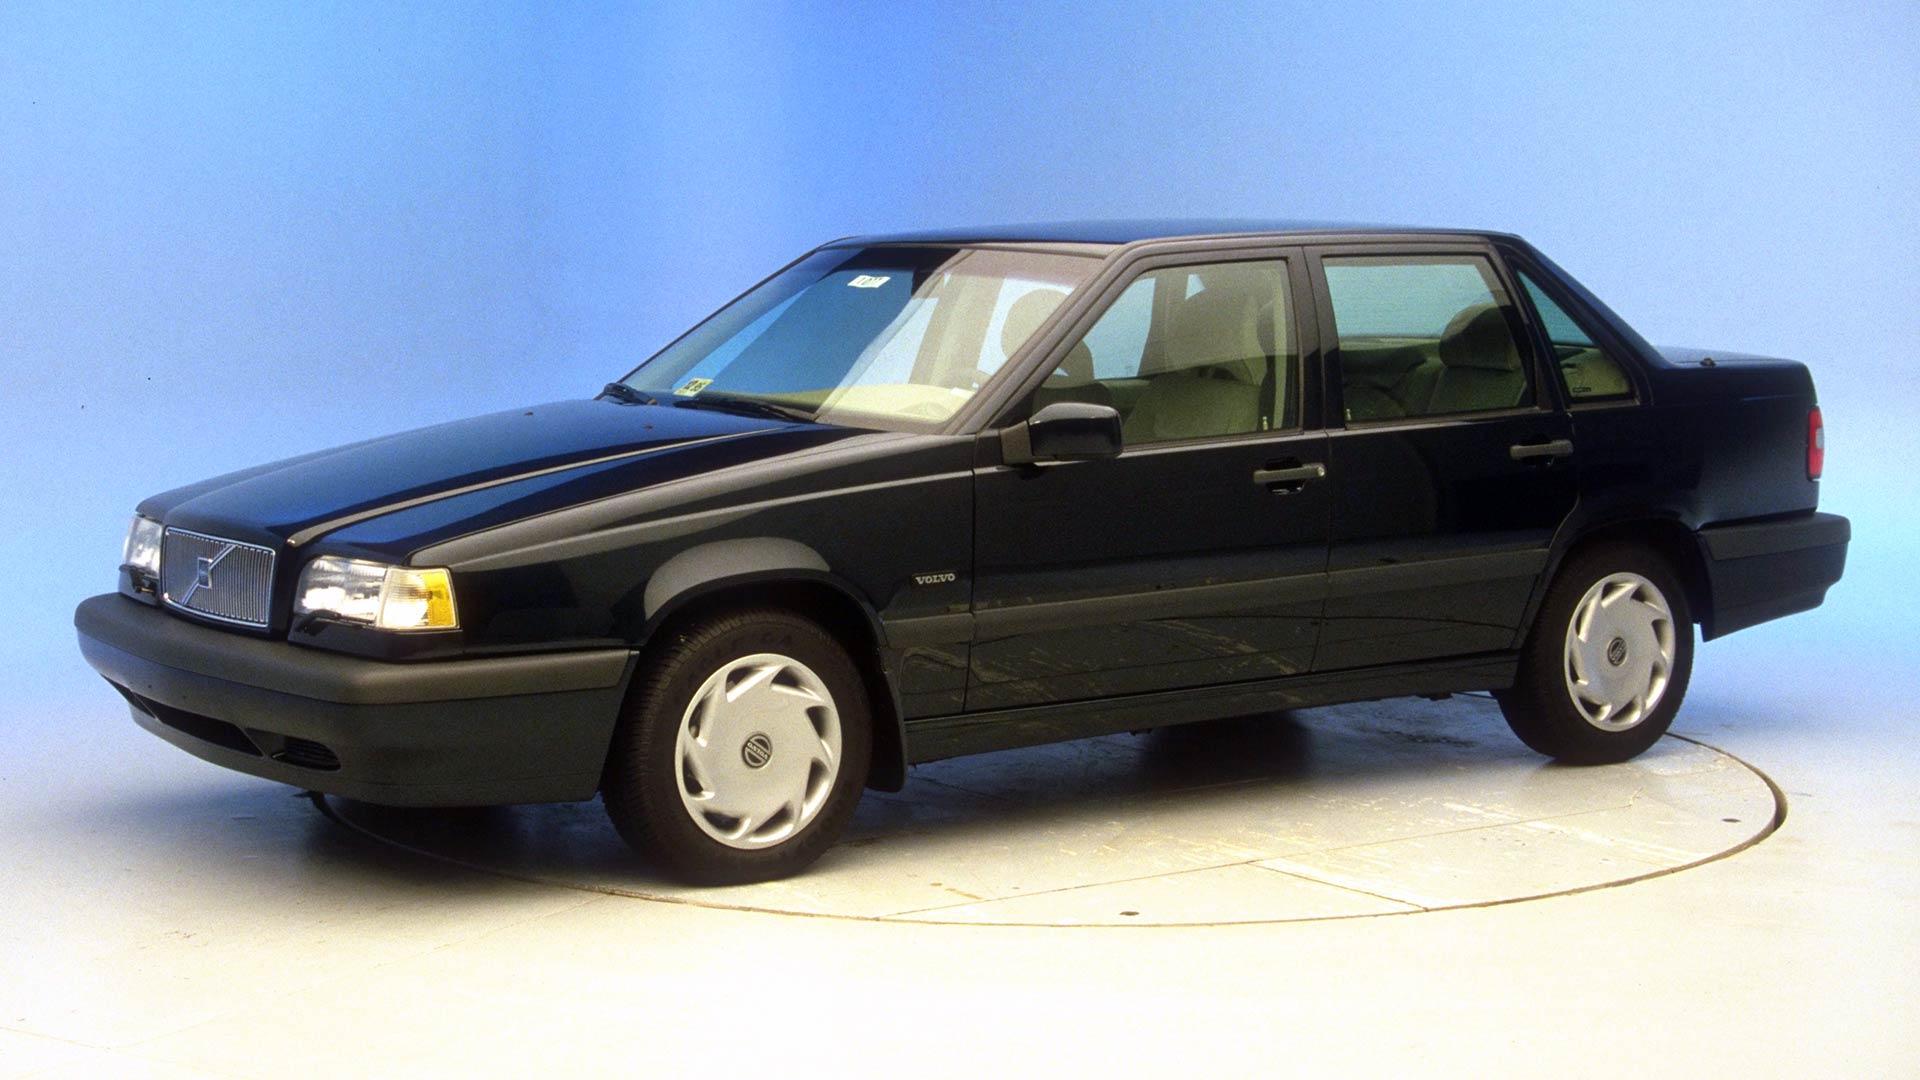 2000 Volvo 850 S70